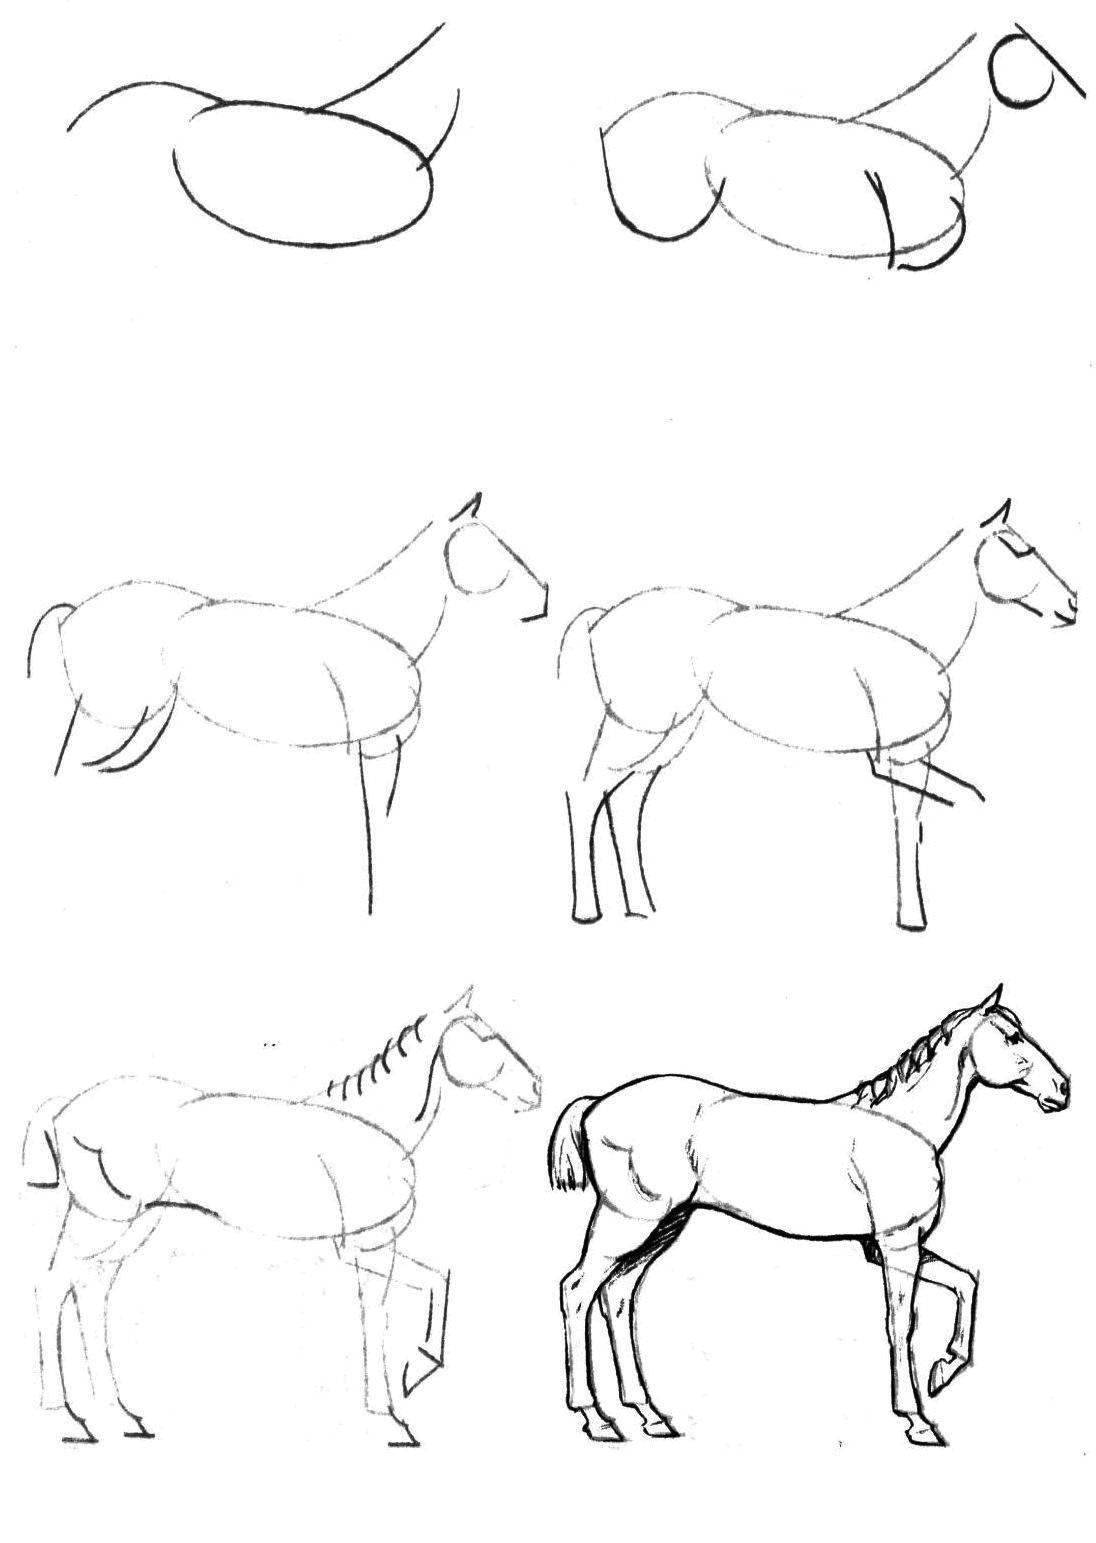 симона рисование карандашом поэтапно картинками отделочных